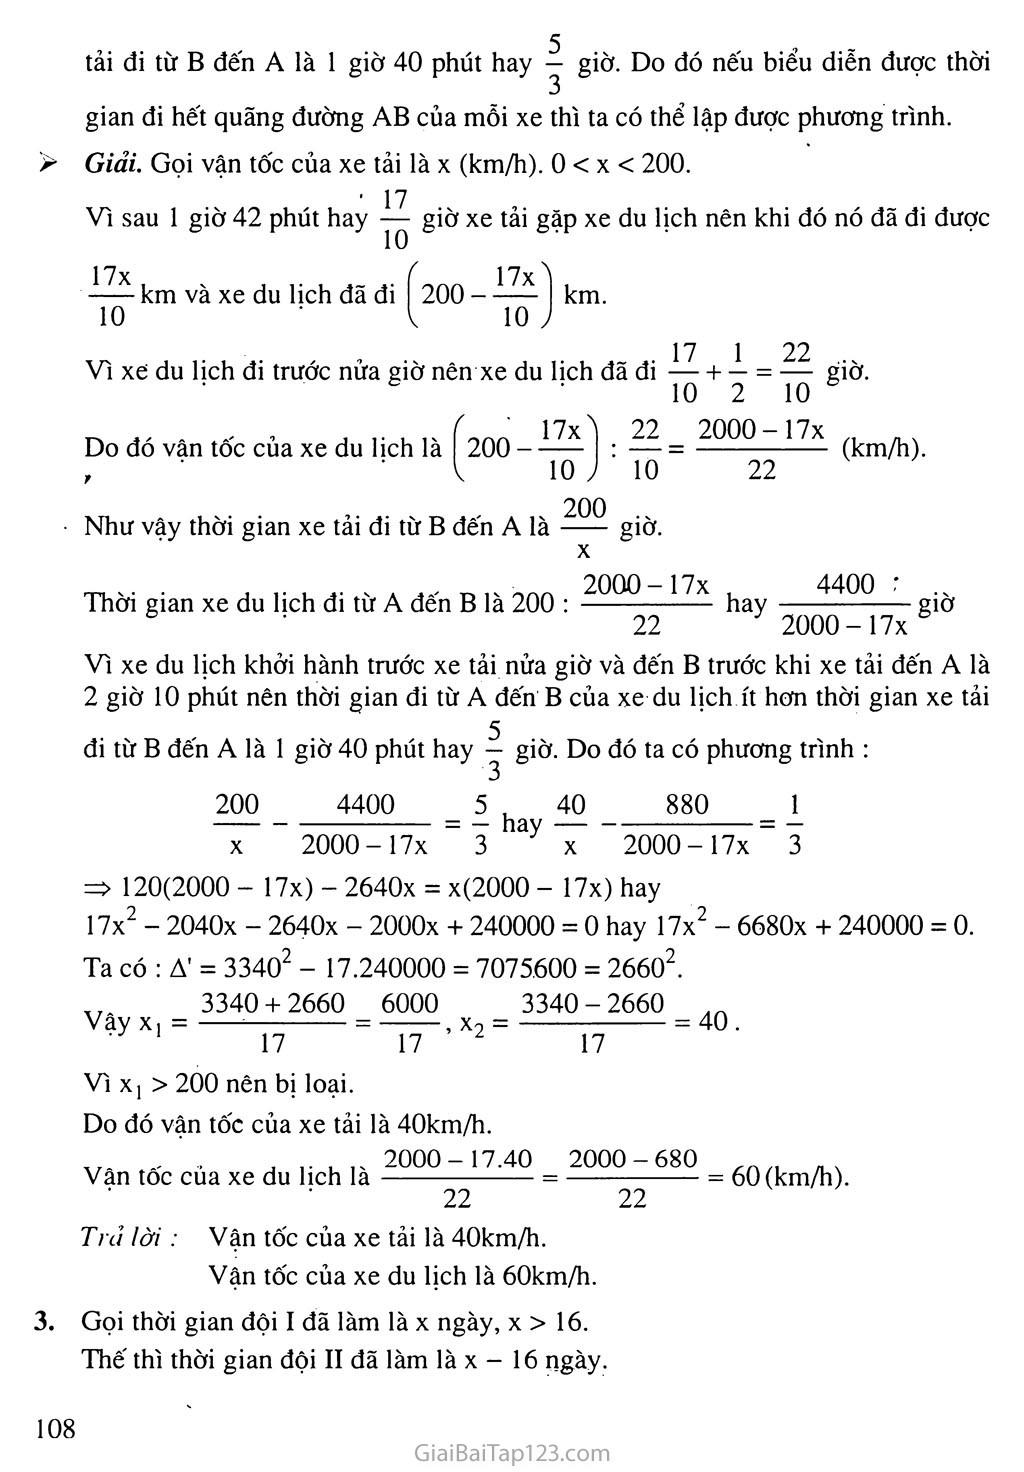 Bài 8. Giải bài toán bằng cách lập phương trình trang 10